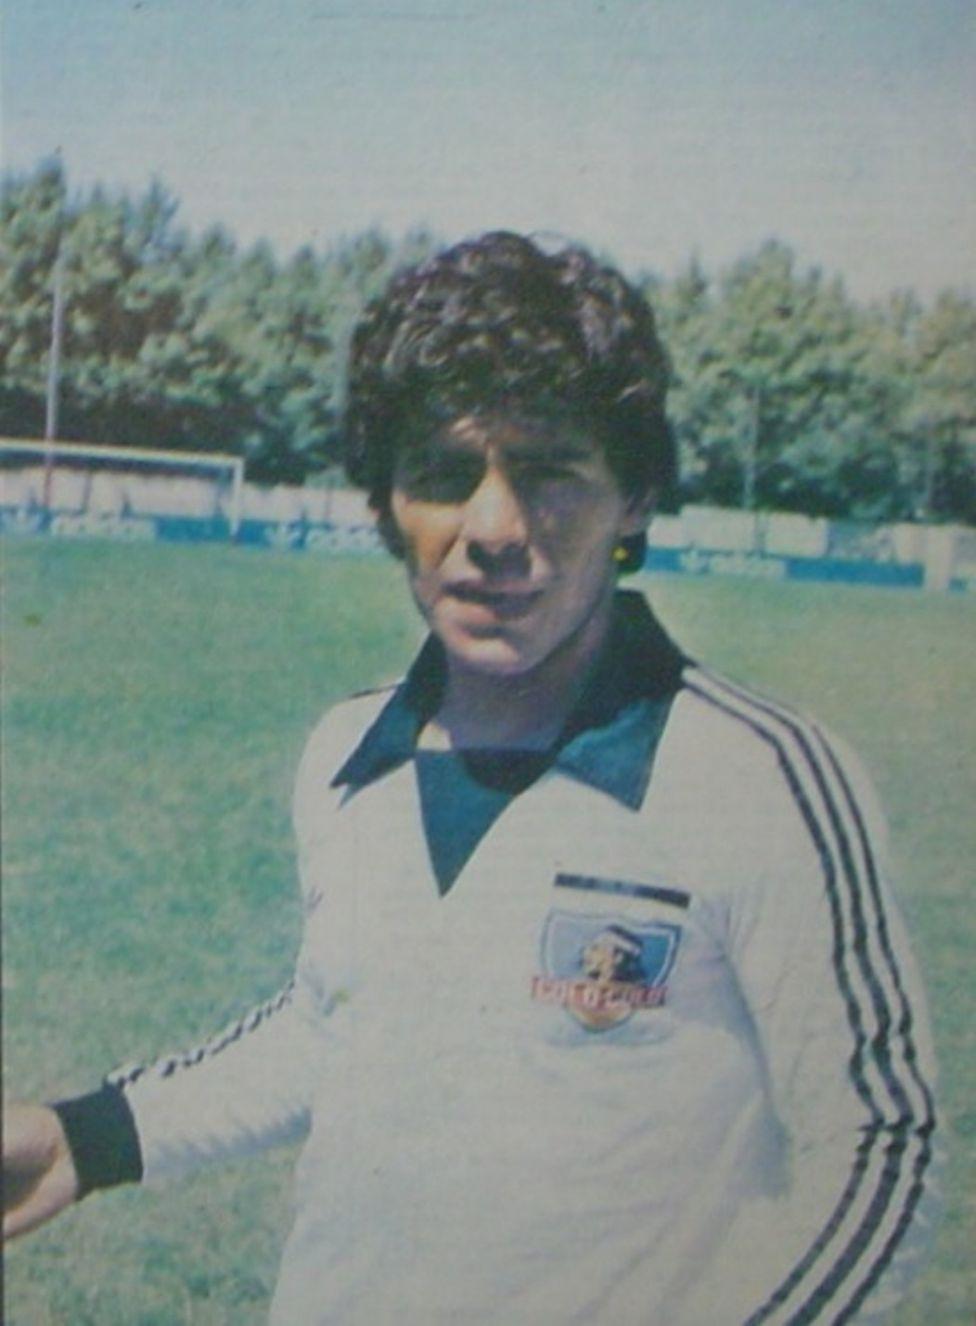 Visitas memorables de Maradona a Chile  Fotogalería   Album   AS.com